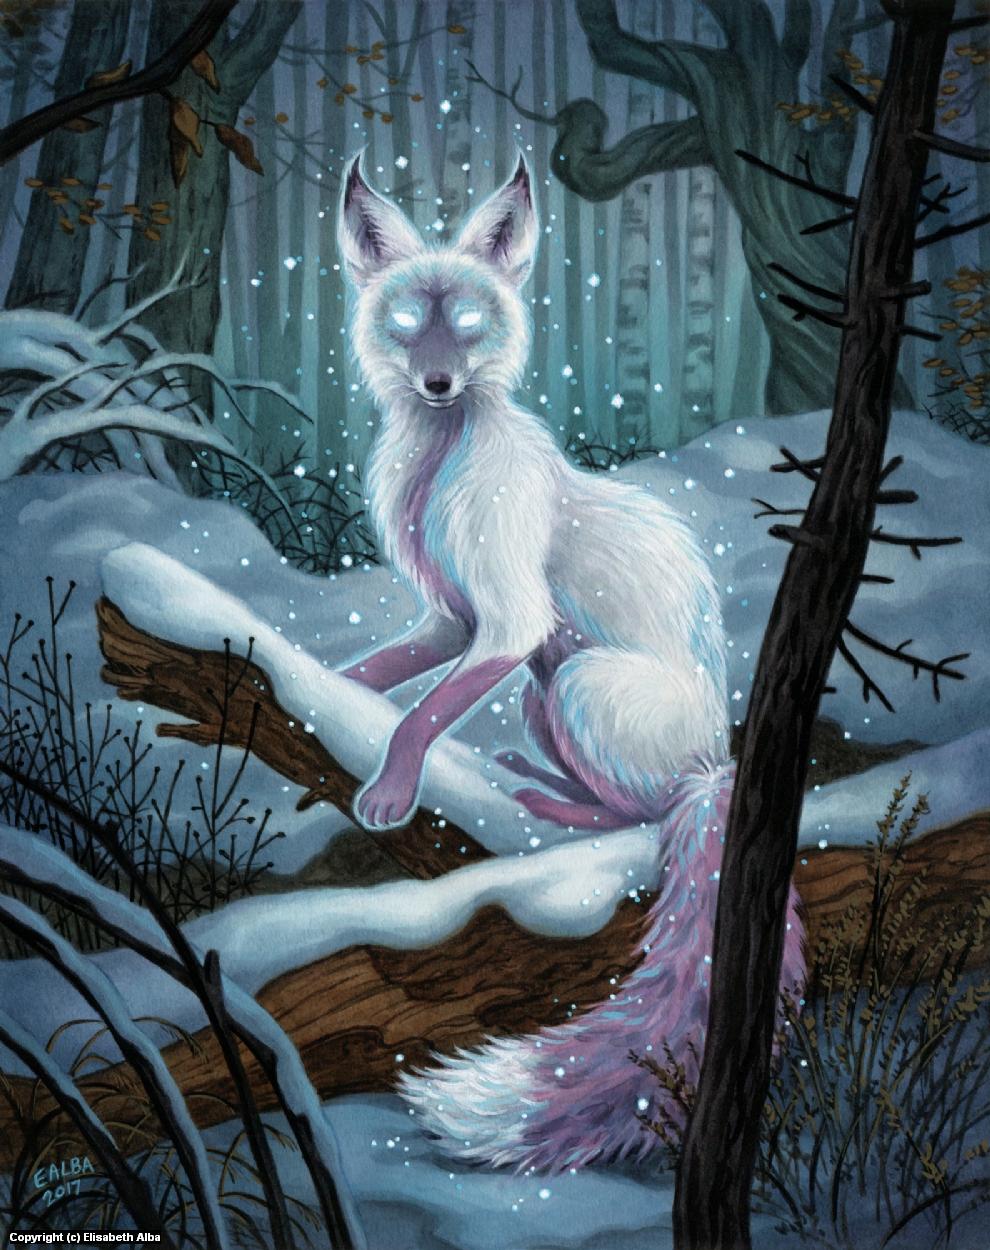 Winter Spirit Artwork by Elisabeth Alba